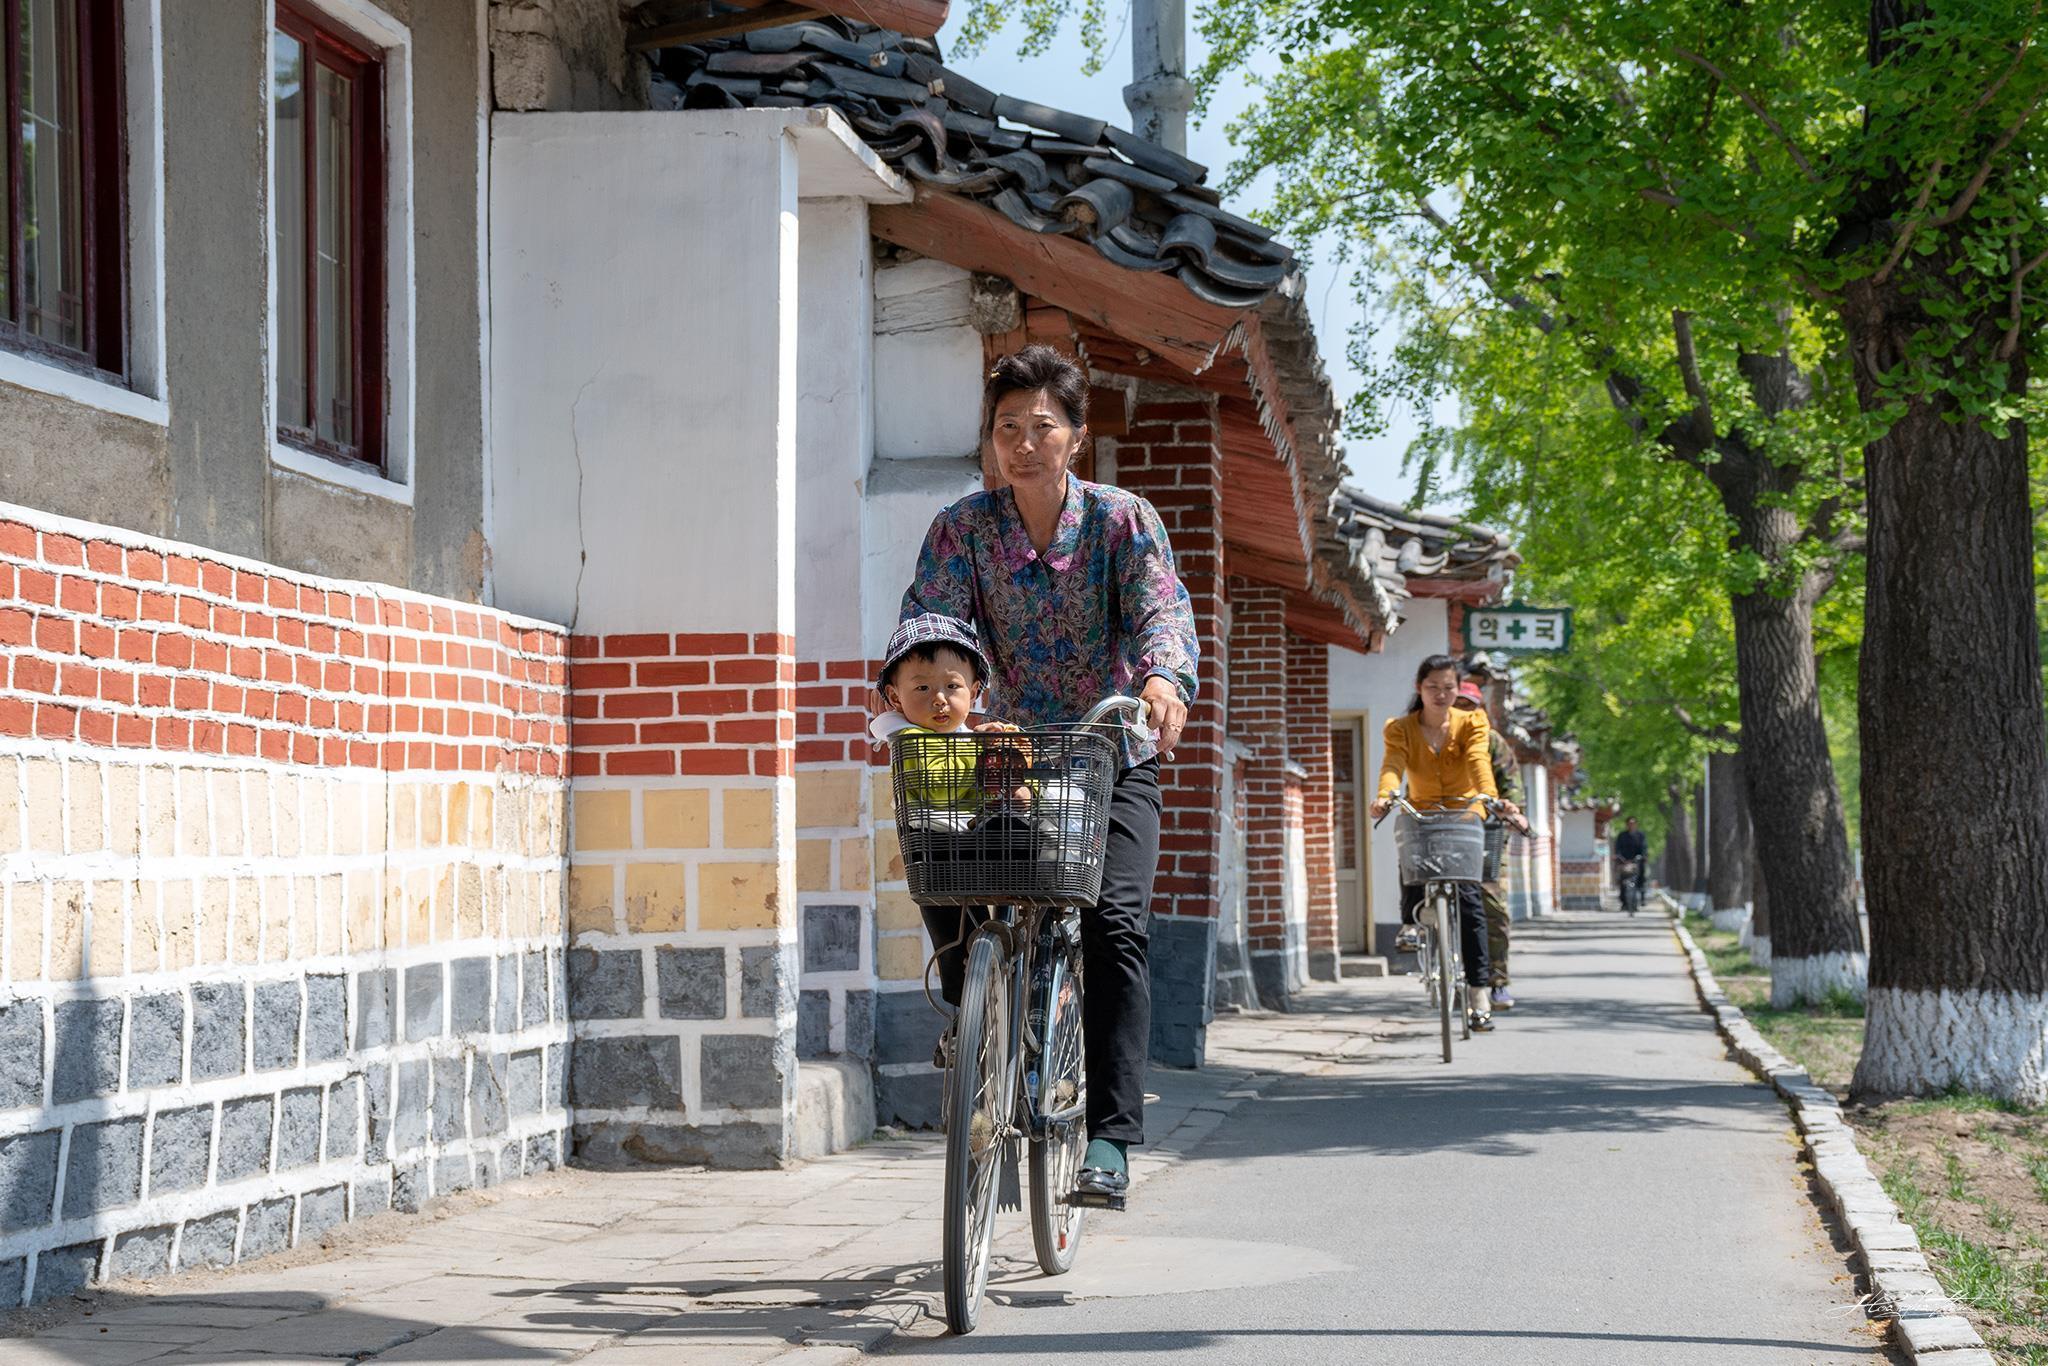 Triều Tiên đời thường qua những bức ảnh của nhiếp ảnh gia Việt Nam Ảnh 8